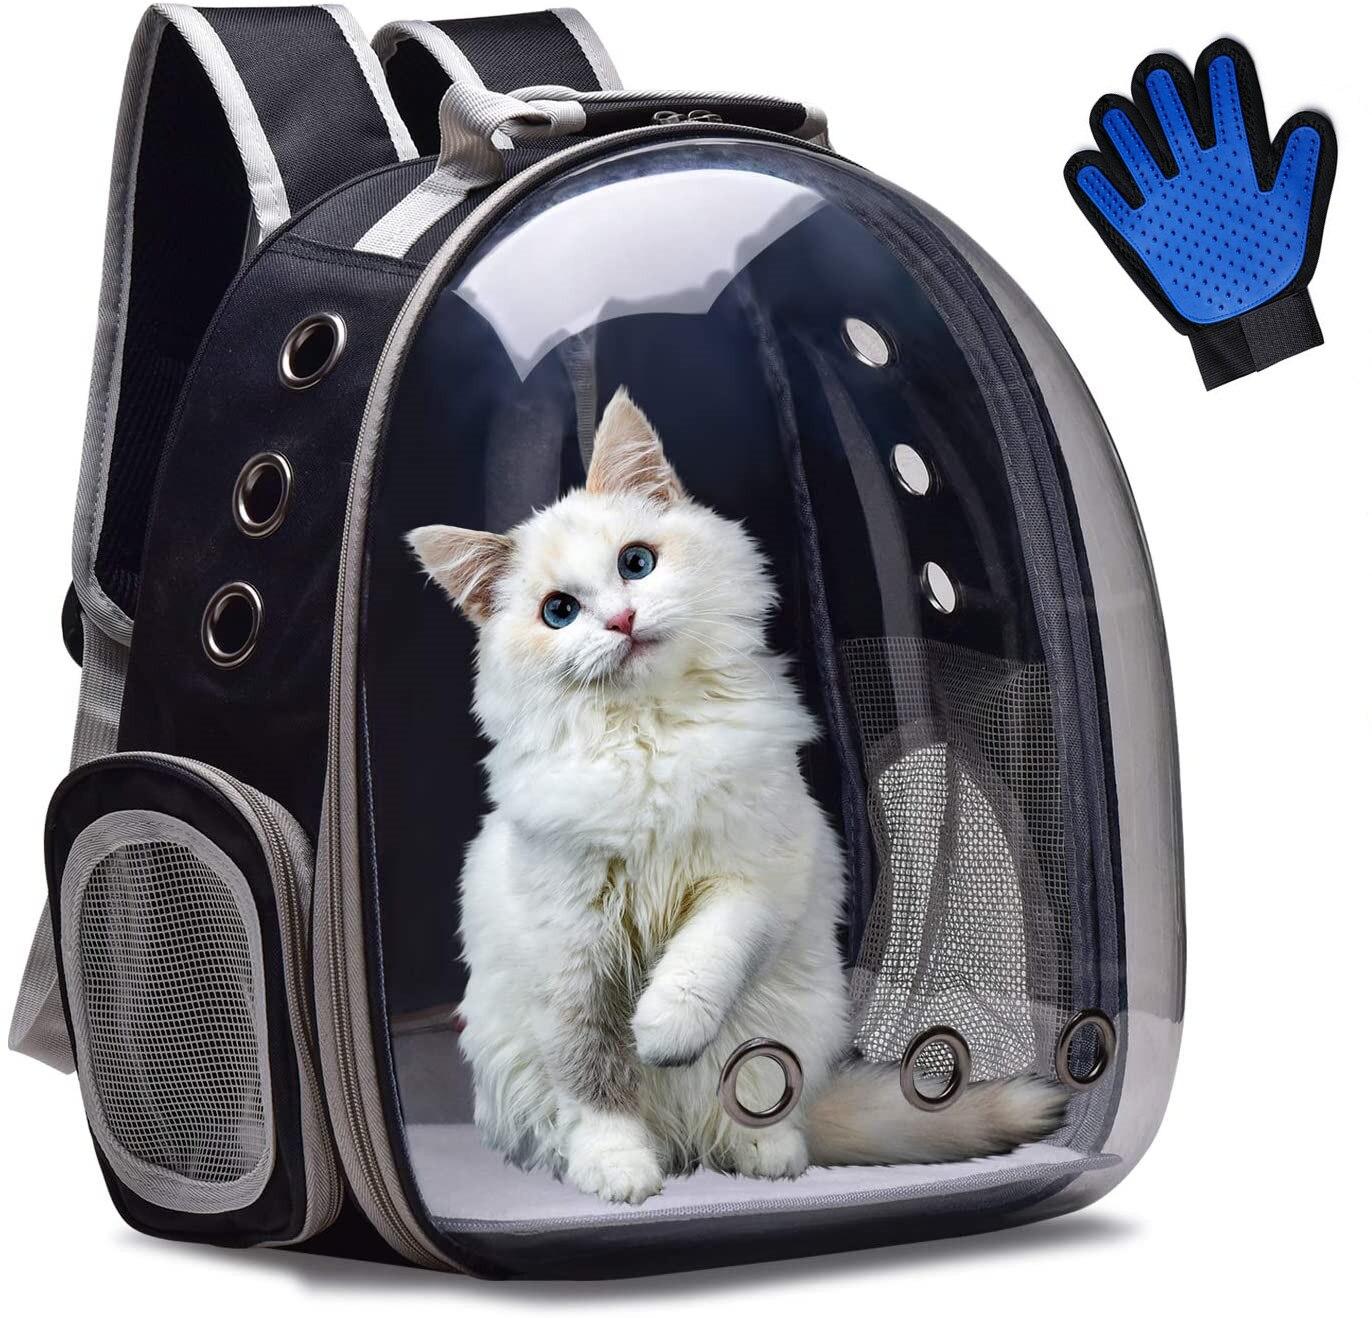 Gato portador mochila respirável transparente filhote de cachorro cachorro bolha saco espaço cápsula transporte do animal estimação com escova livre luva nova